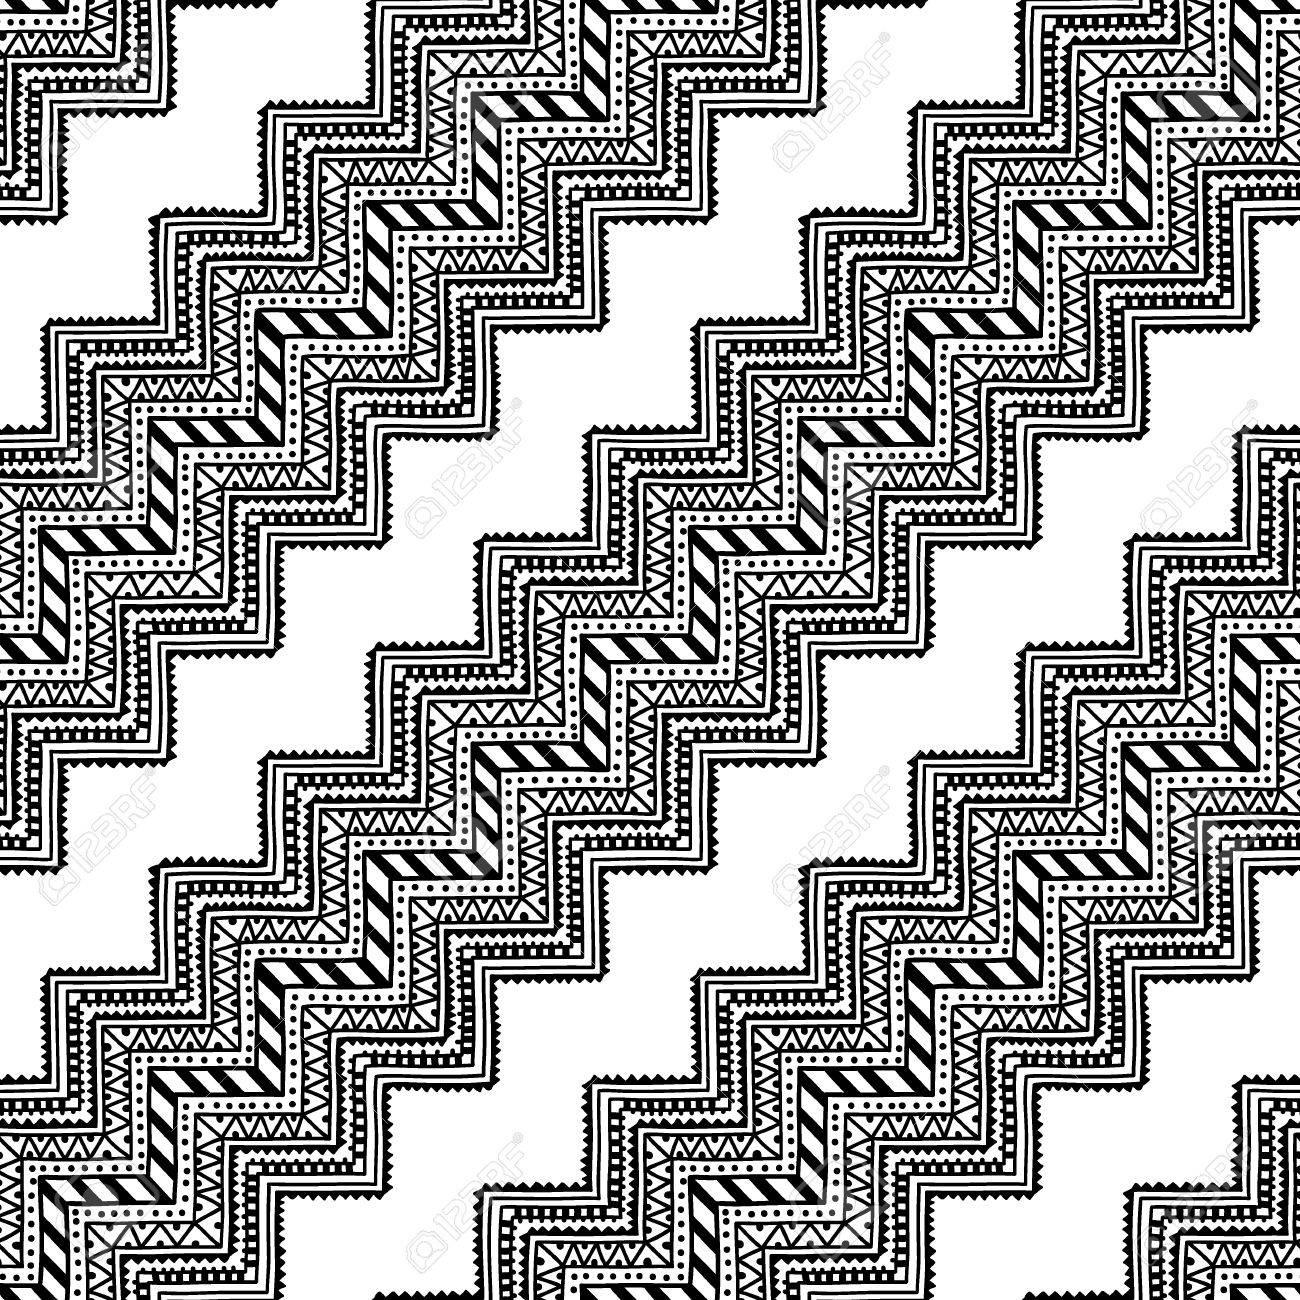 Nahtlose Ethnischen Muster Schwarz Weiß Vektor Illustration